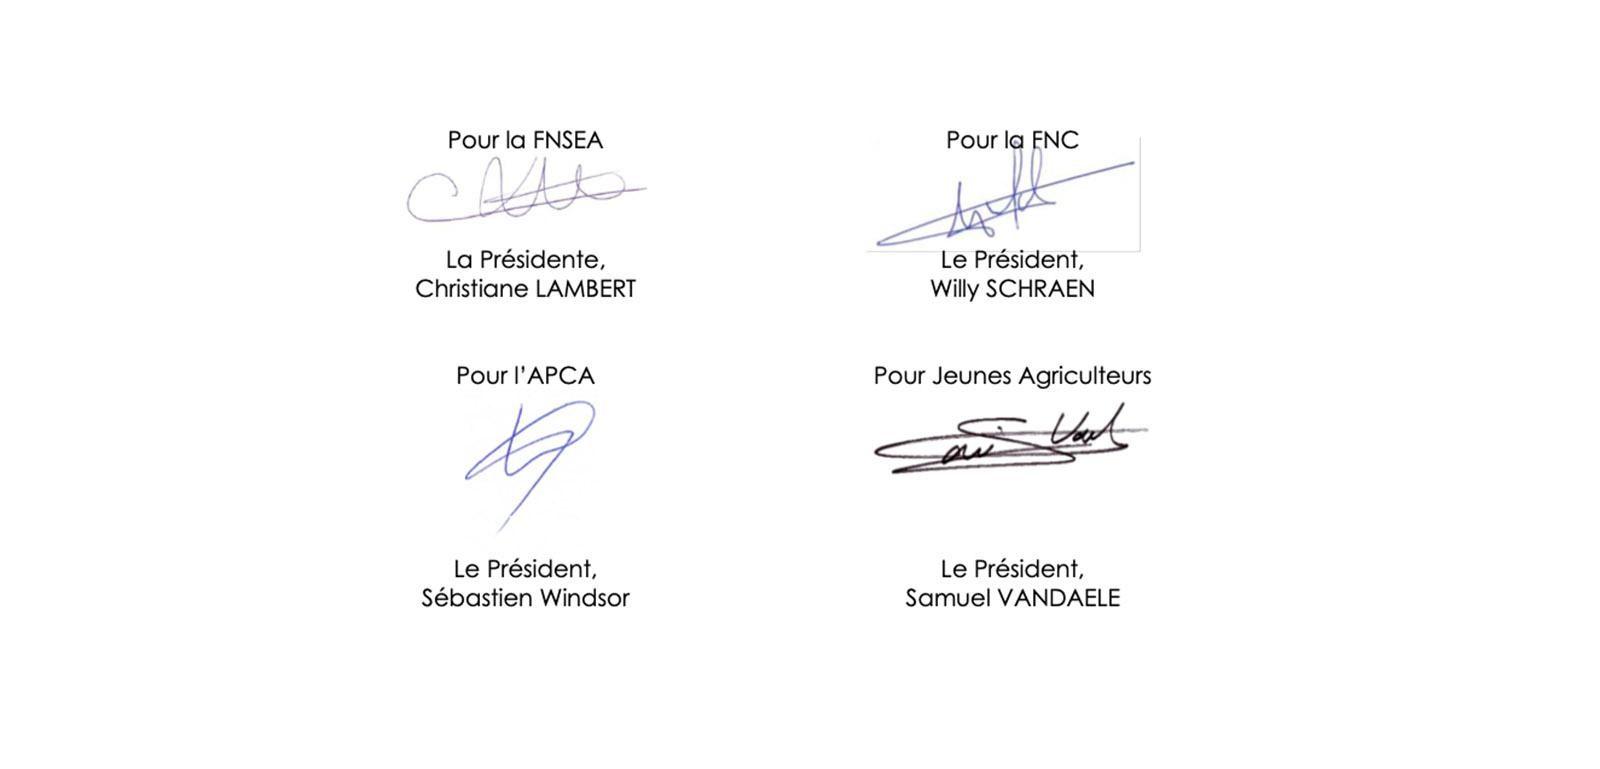 Signatures de la FNC, la FNSEA, l'APCA et les Jeunes agriculteurs